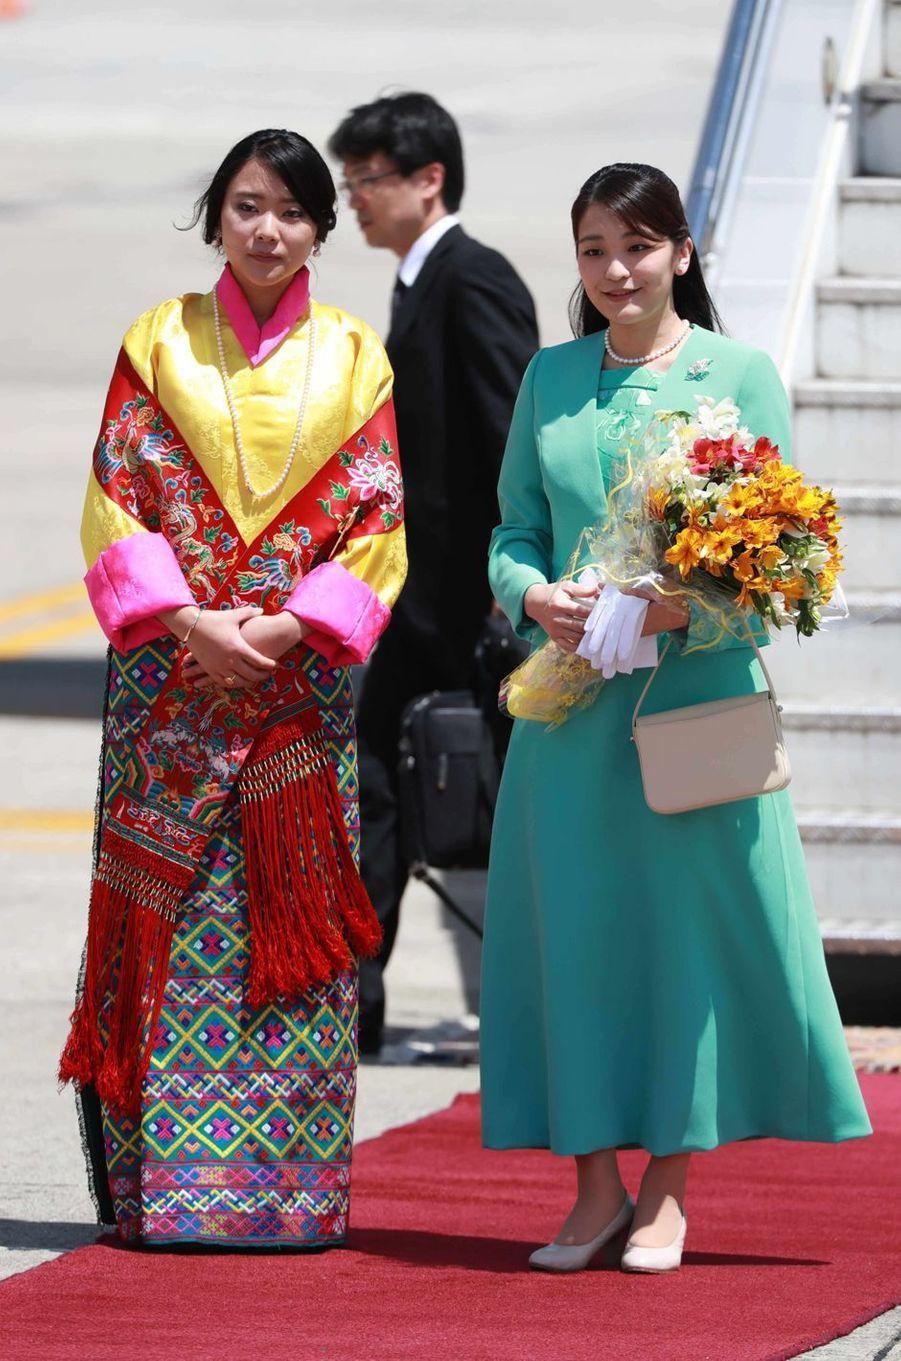 La princesse Mako du Japon avec la princesse Euphelma du Bhoutan à son arrivée à Paro, le 1er juin 2017